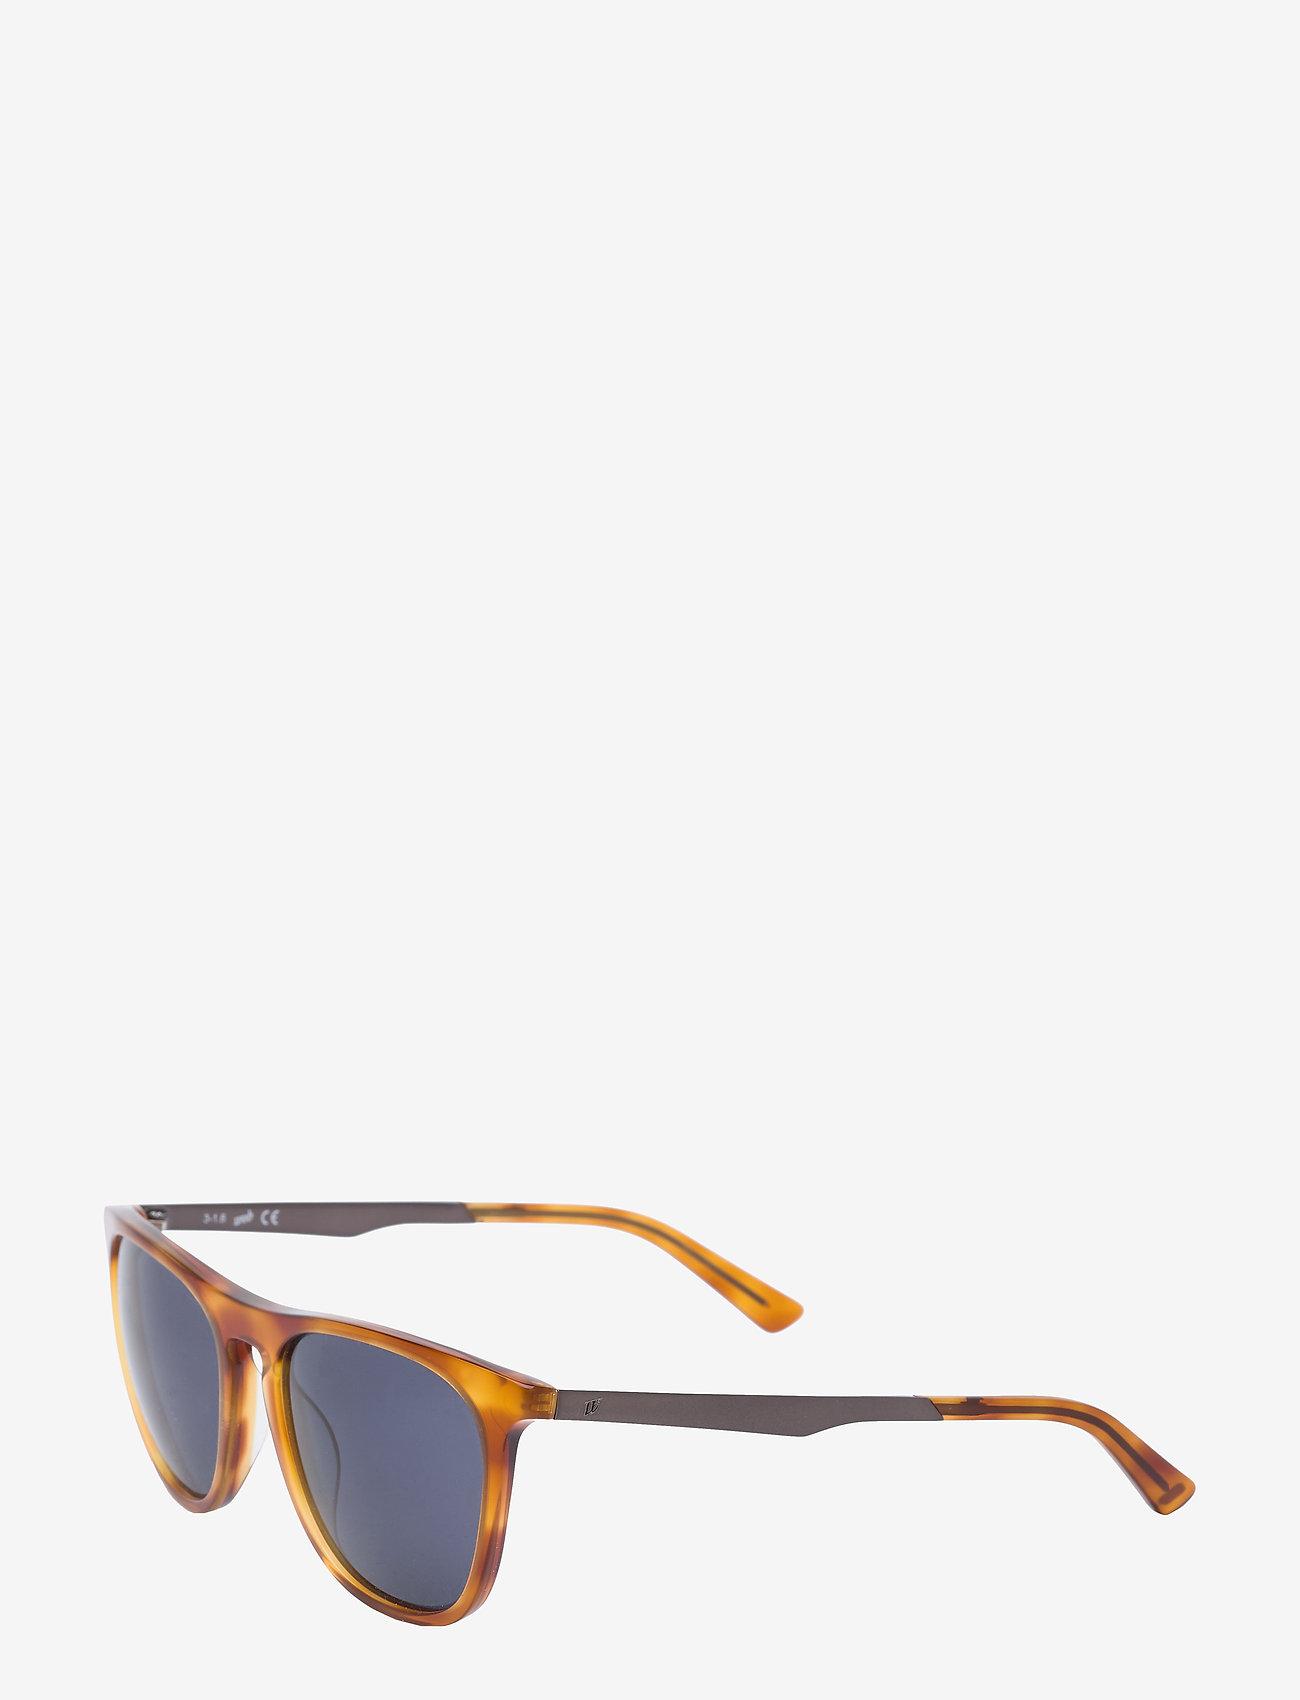 Web Eyewear - WE0154 - okulary przeciwsłoneczne w kształcie litery d - 53p -blonde havana / gradient green - 1